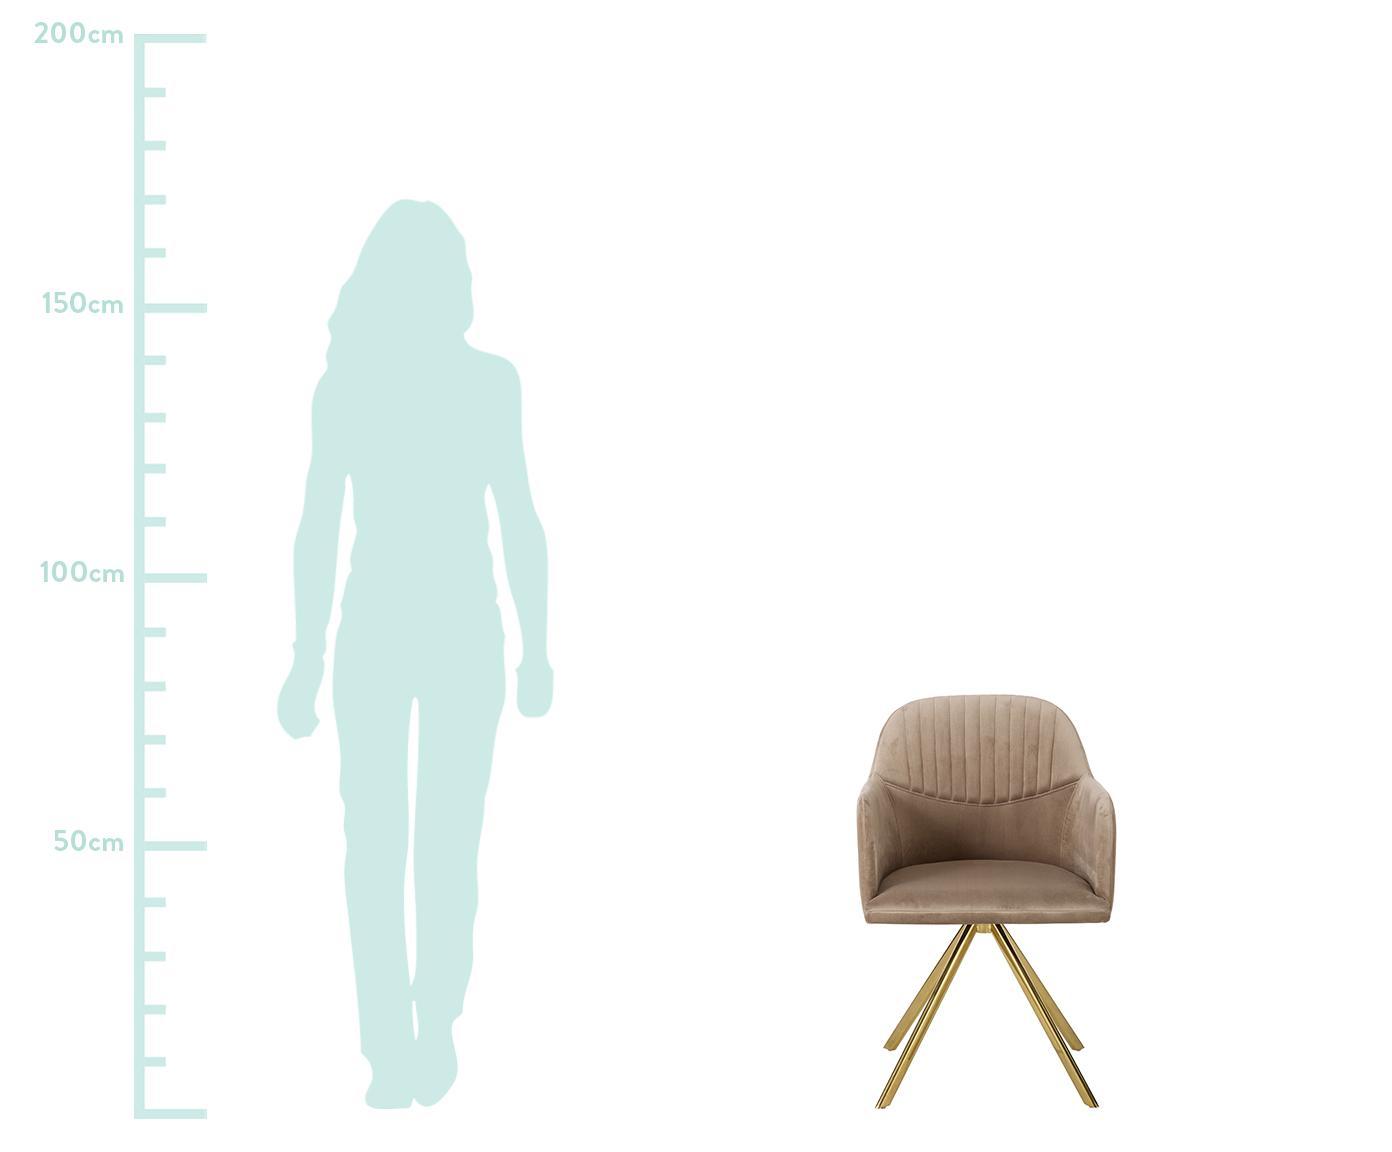 Samt-Drehstuhl Lola mit Armlehne, Bezug: Samt (100% Polyester) 50., Beine: Metall, galvanisiert, Samt Hellbraun, Beine Gold, B 55 x T 52 cm